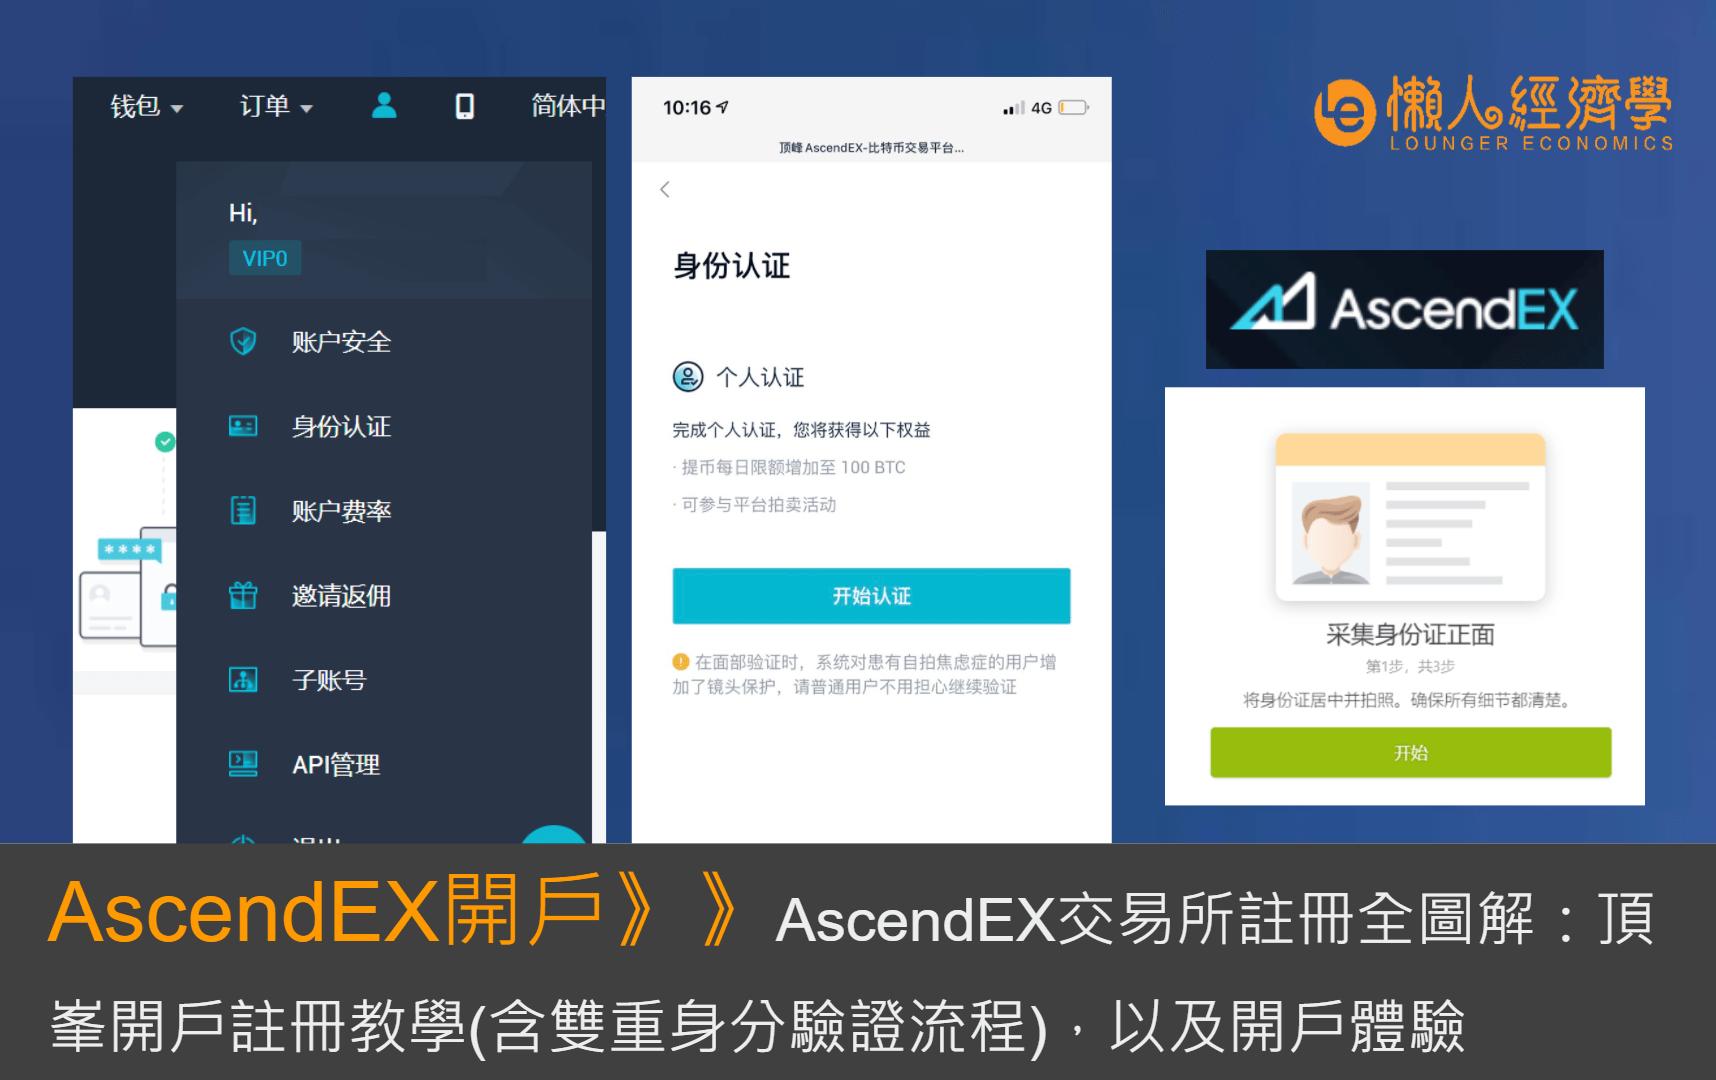 頂峯AscendEX交易所註冊全圖解:頂峯開戶註冊教學(含雙重身分驗證流程),以開戶體驗